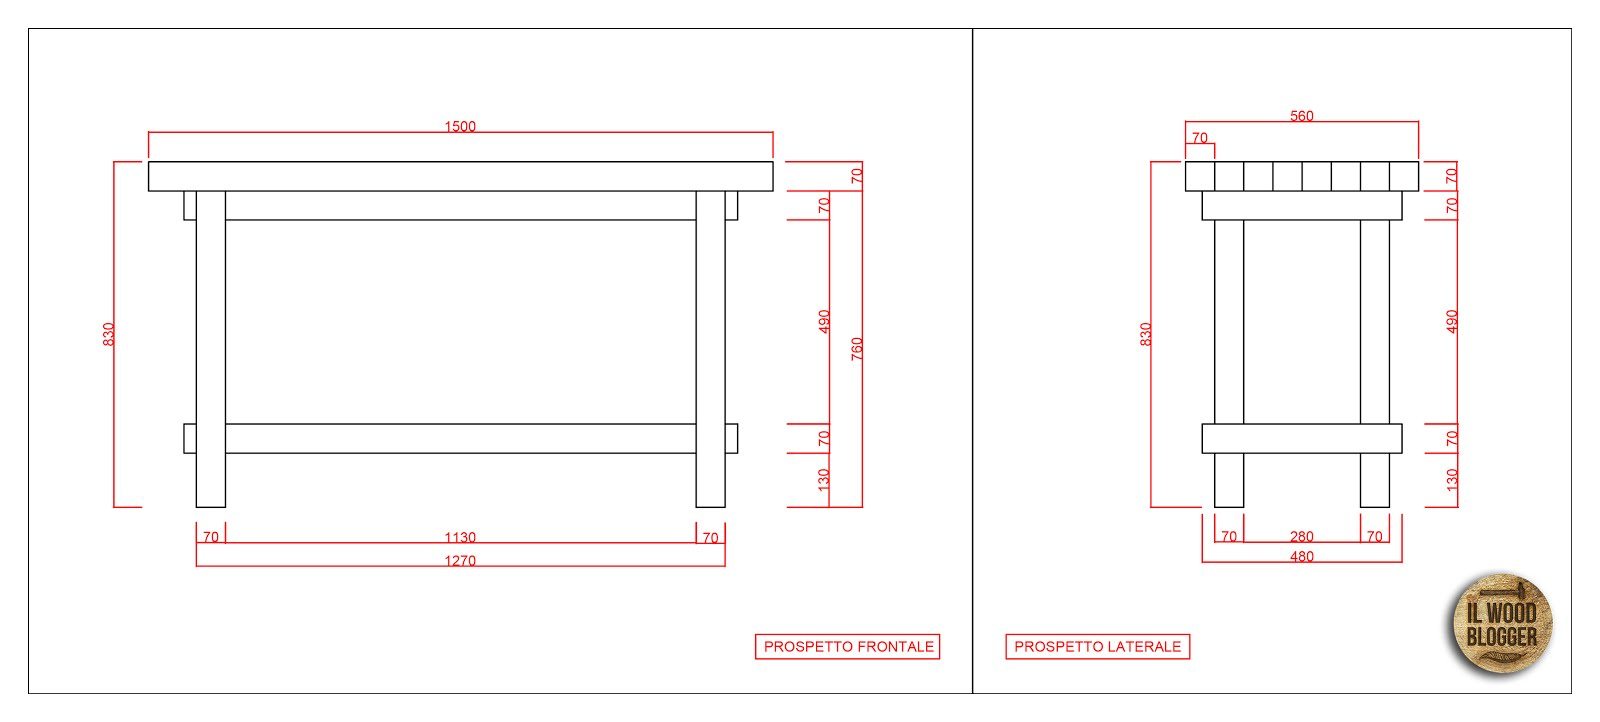 Progetto realizzare un tavolo da lavoro il wood blogger for Banco da falegname progetto